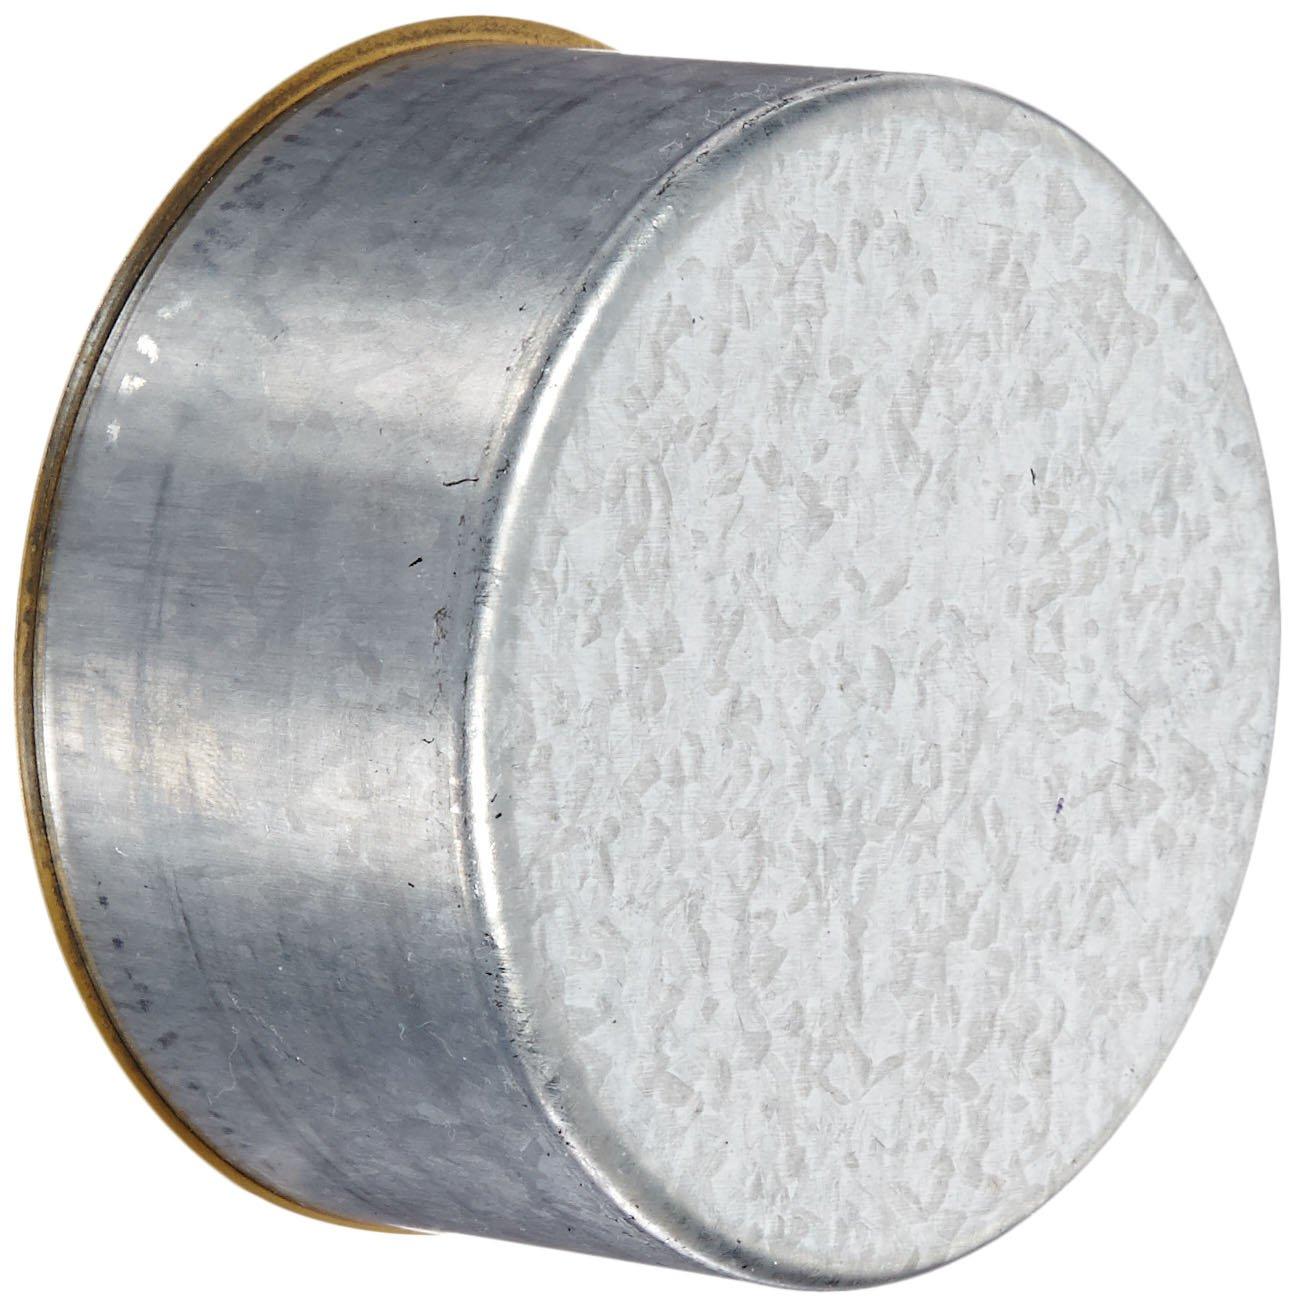 SKF 99848 Speedi Sleeve, GSLEEVE Style, Inch, 3in Shaft Diameter, 0.813in Width